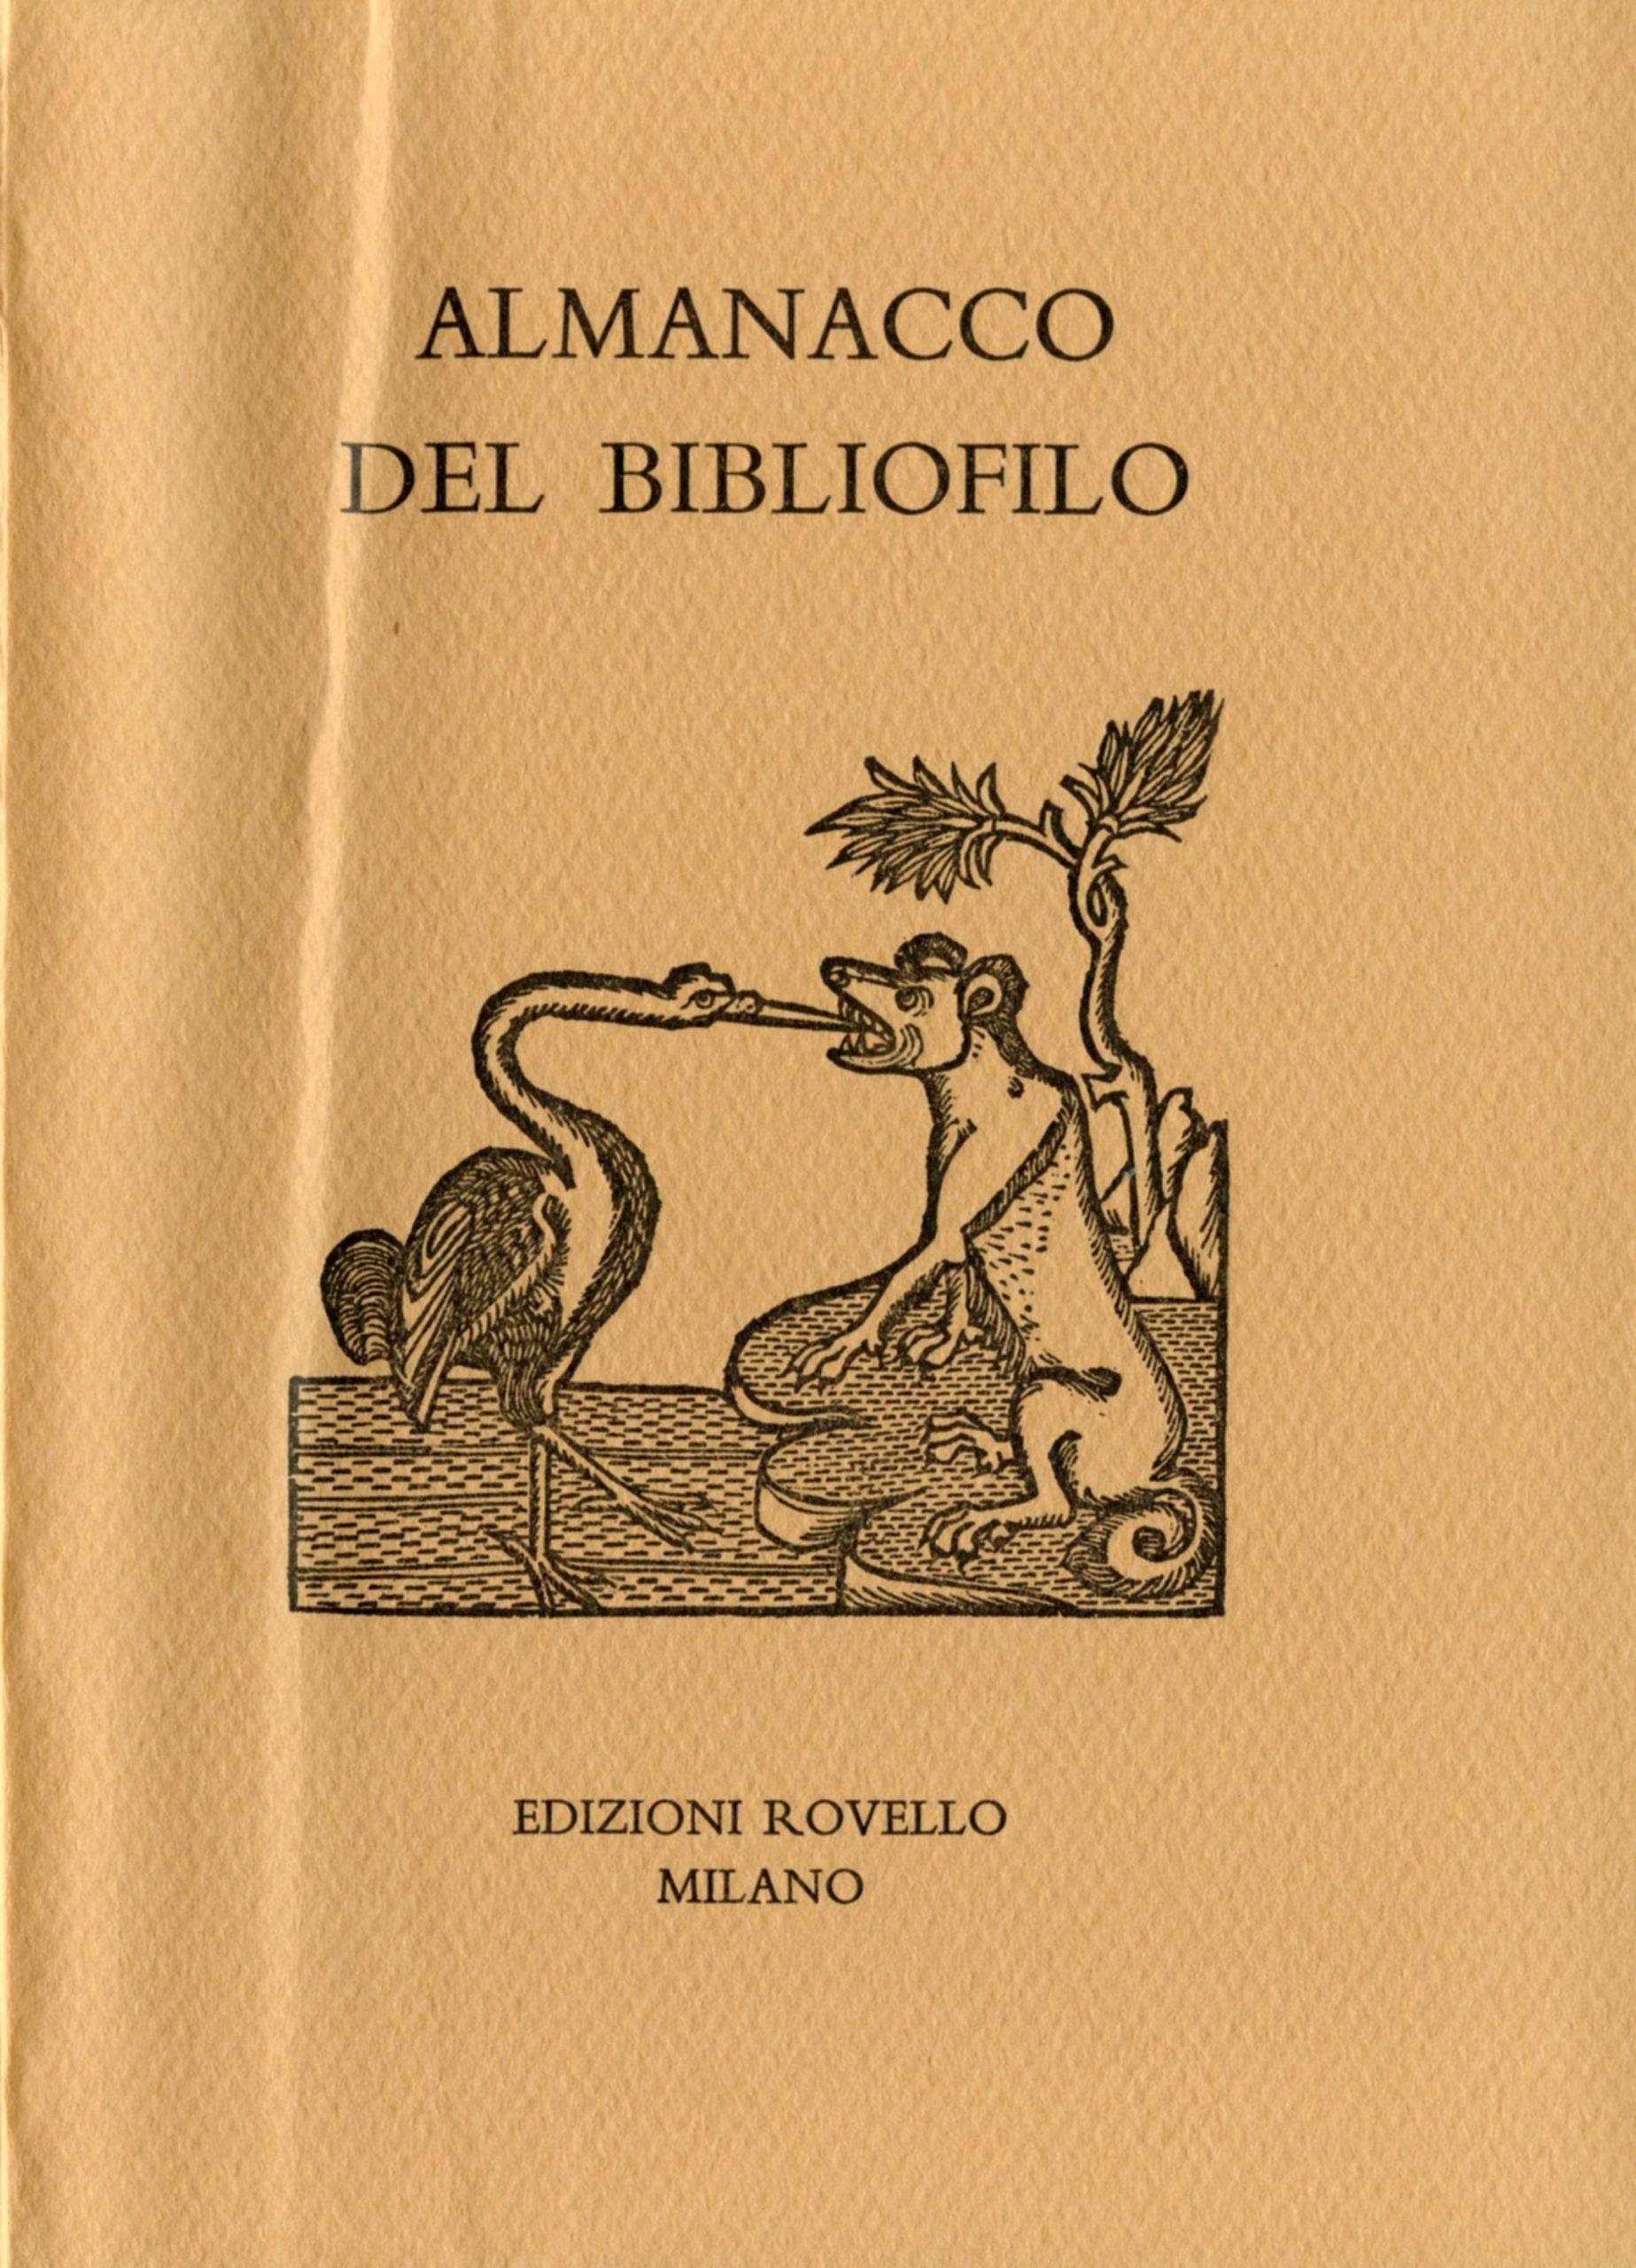 15. Antologia di racconti e saggi di bibliofilia (2004)